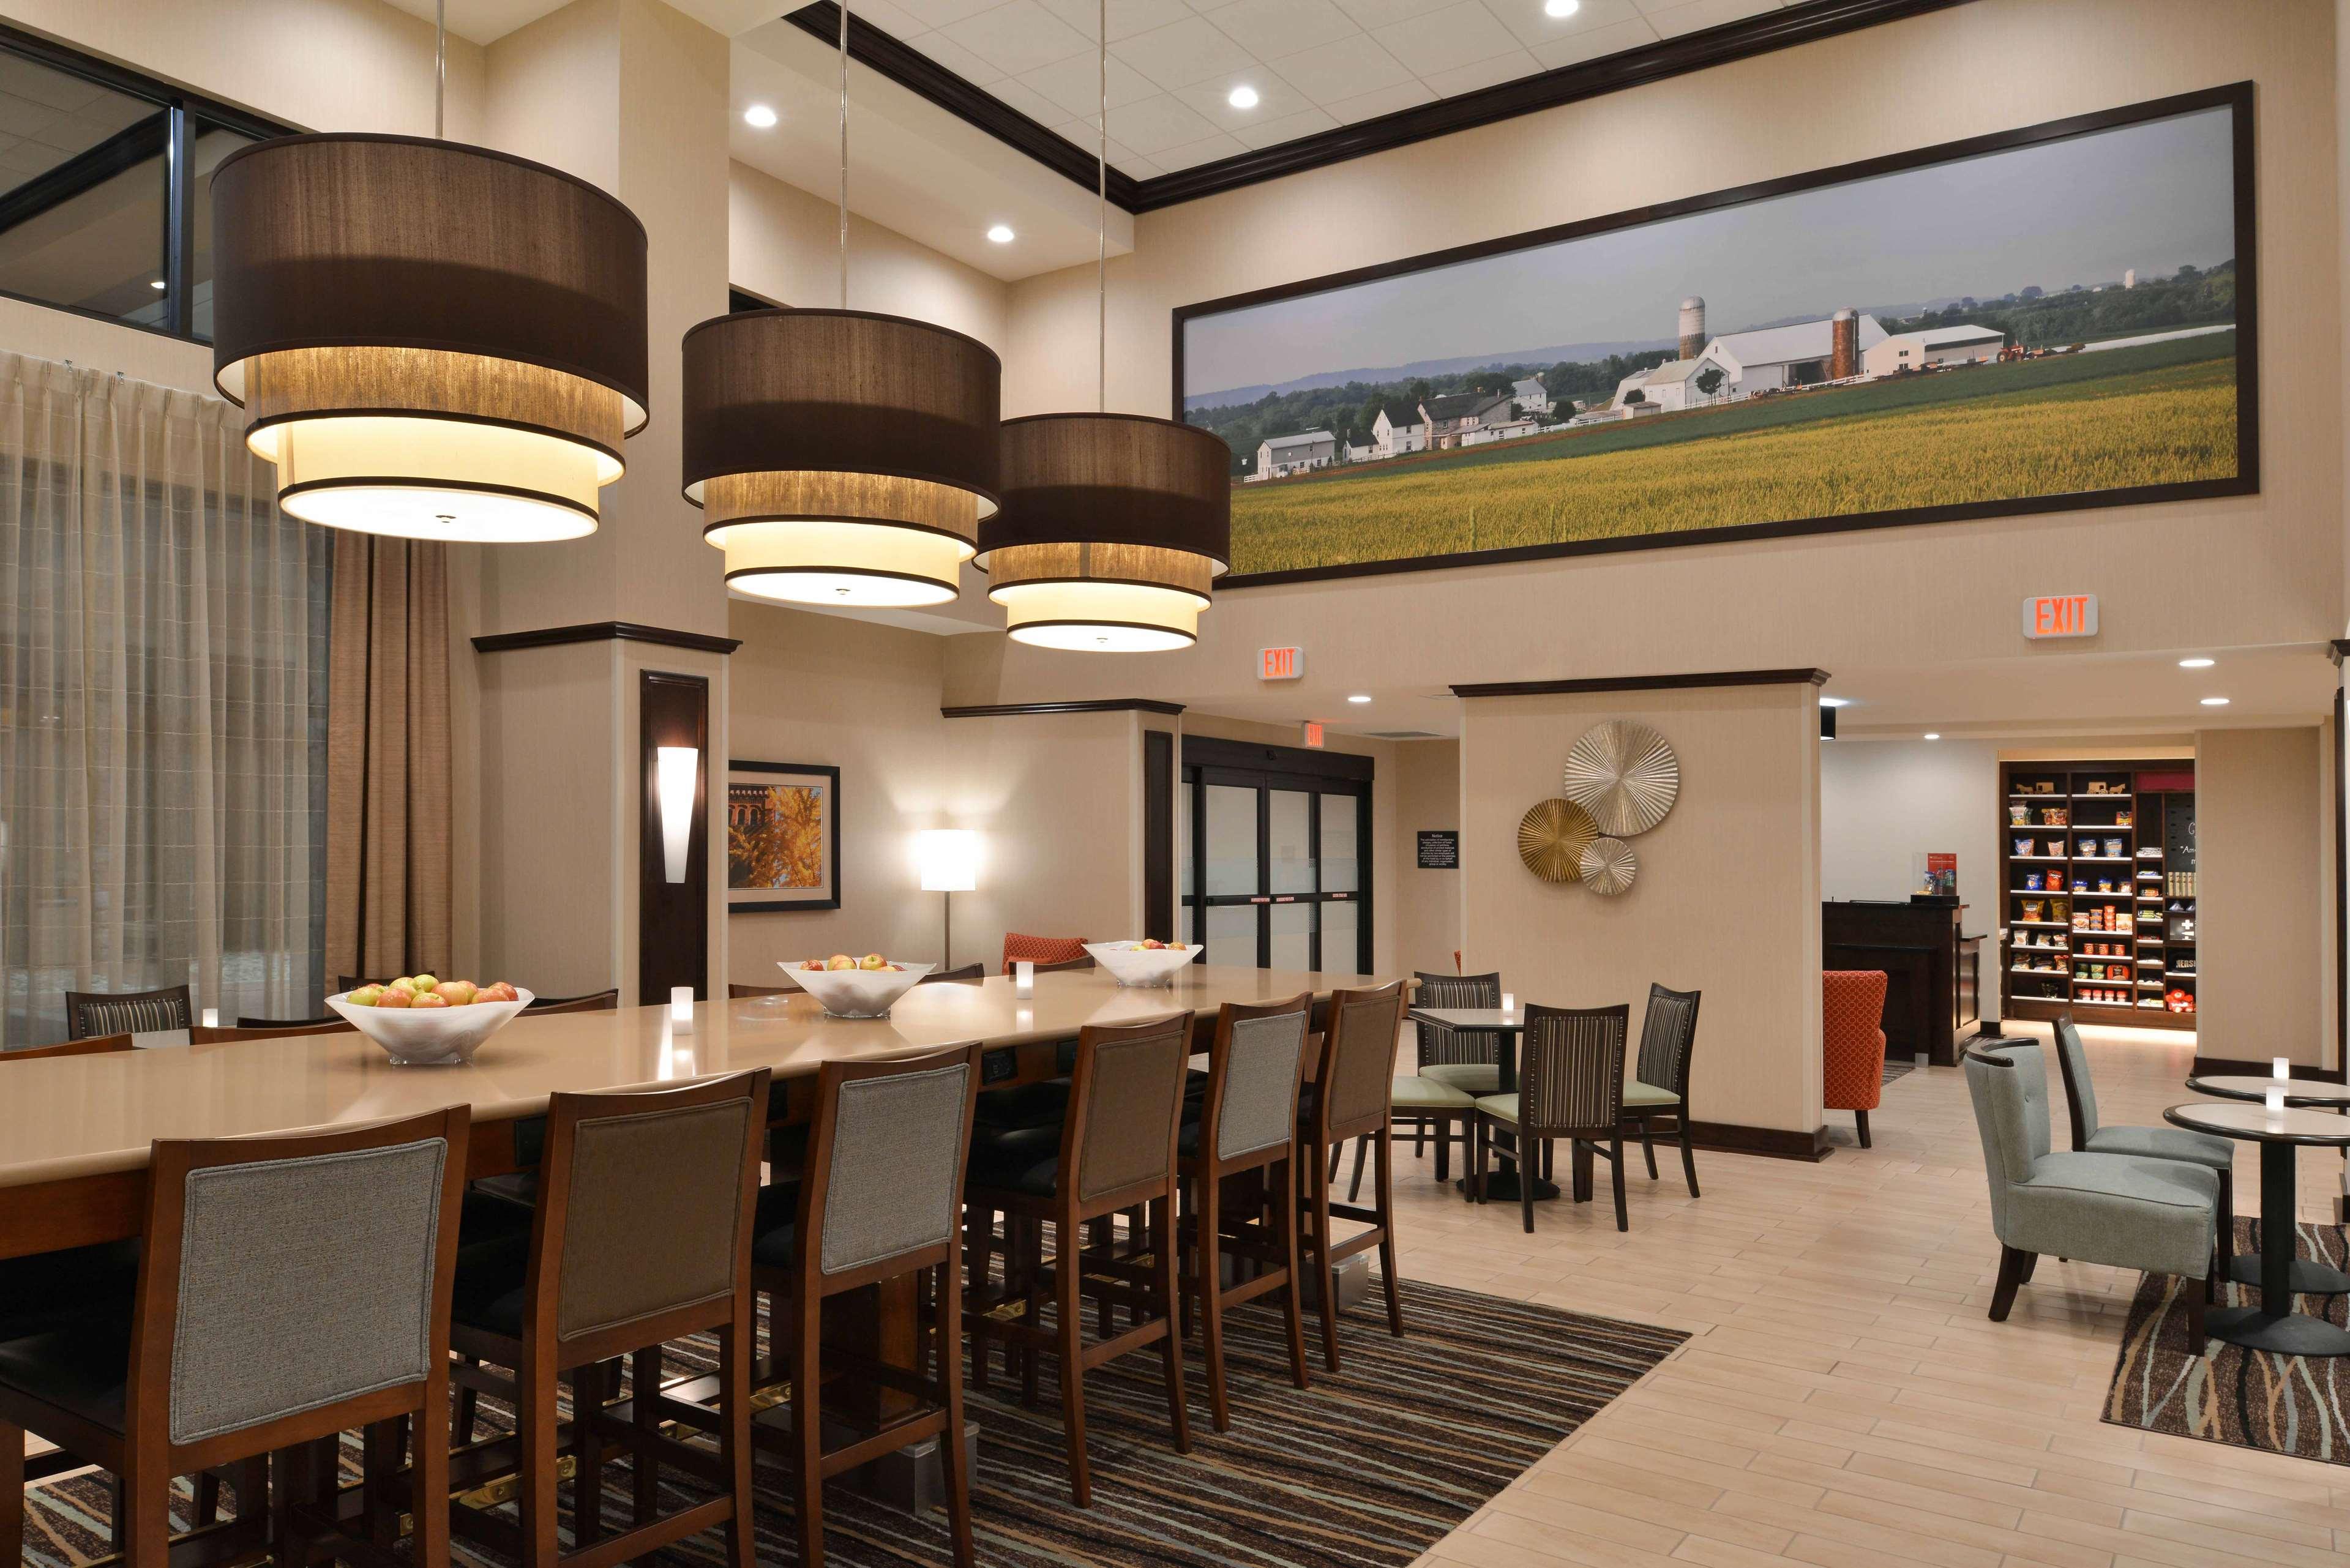 Hampton Inn & Suites Mount Joy/Lancaster West image 7